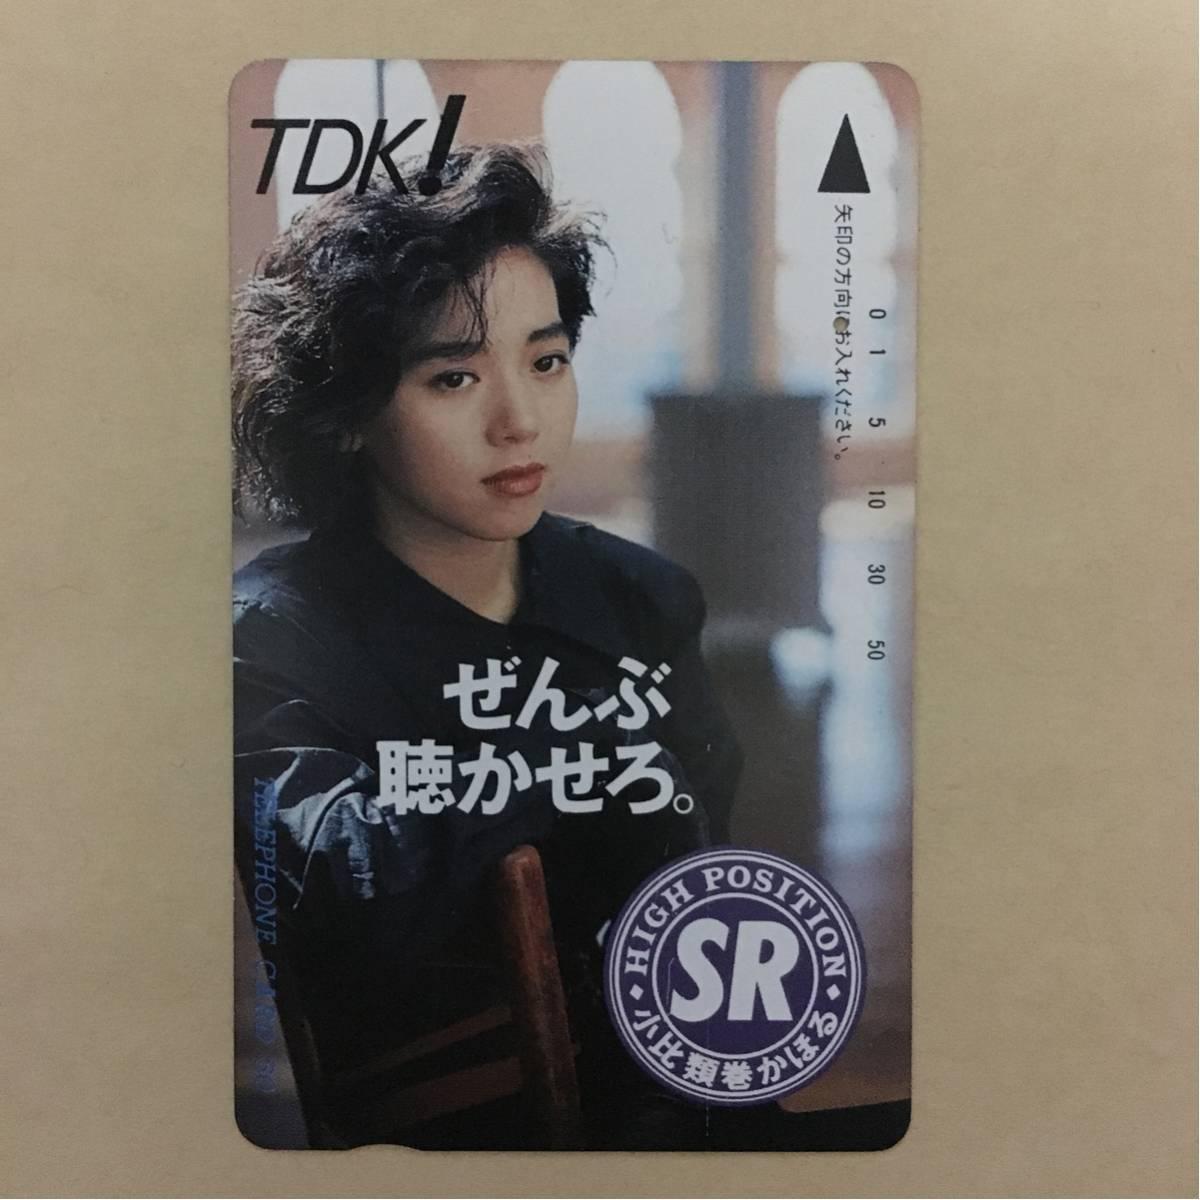 【使用済】 テレカ 小比類巻かほる TDK